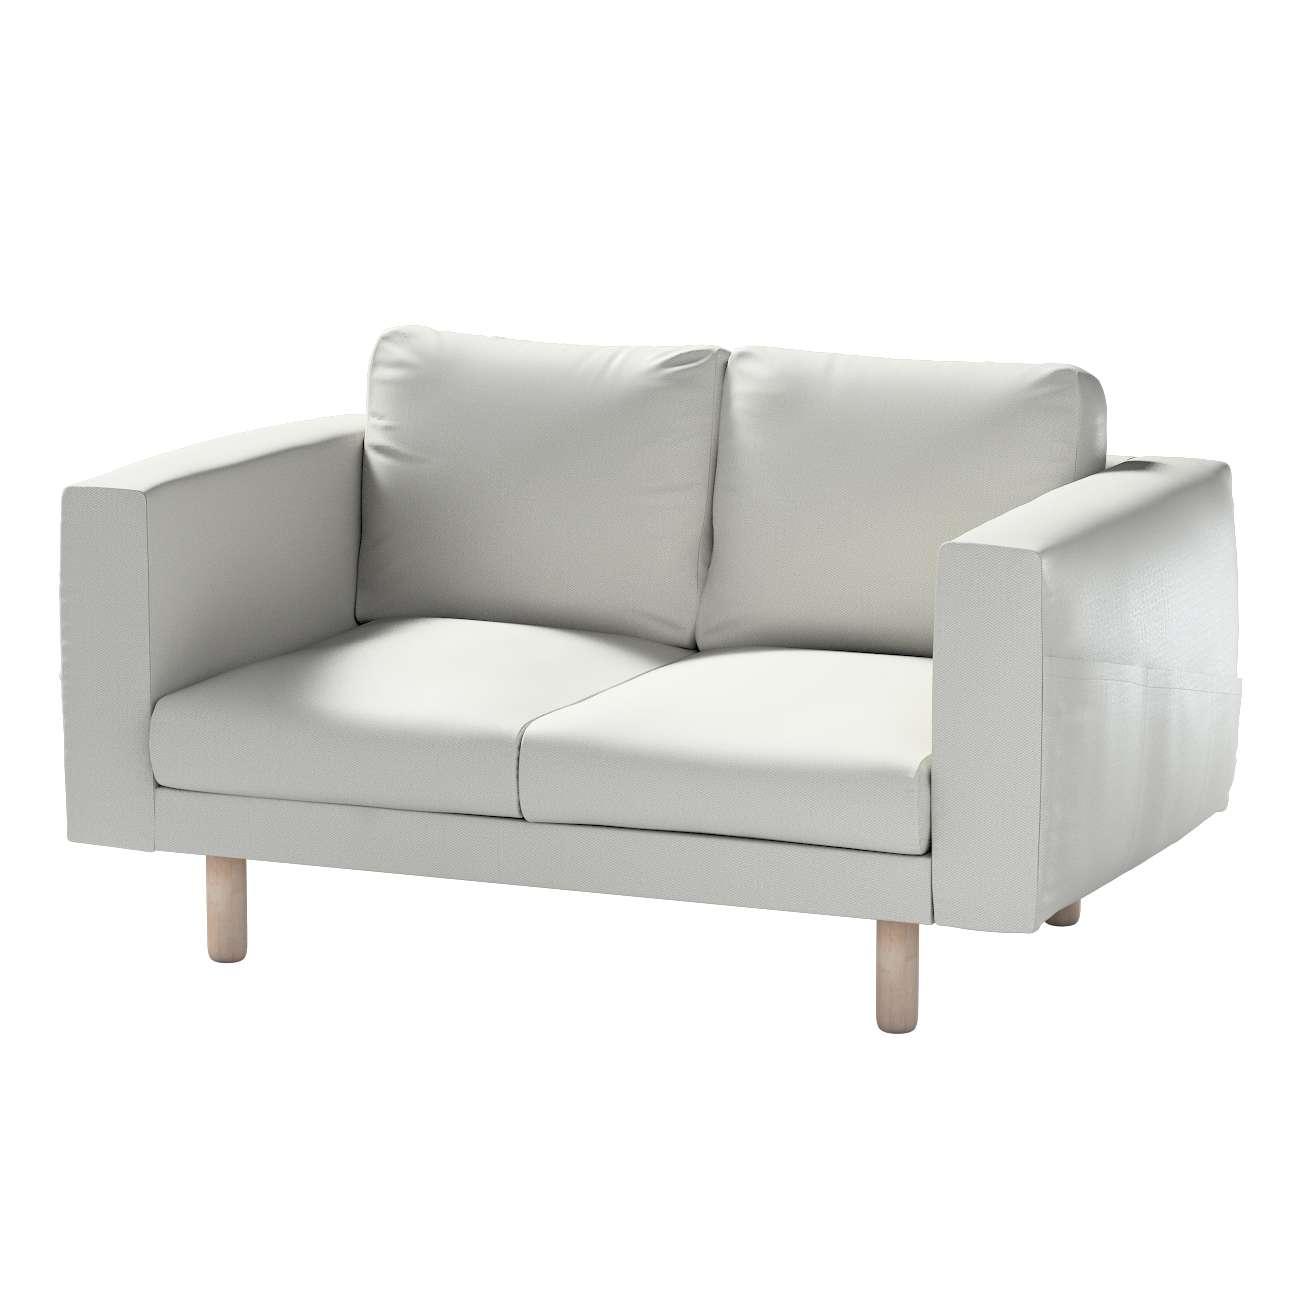 Pokrowiec na sofę Norsborg 2-osobową w kolekcji Bergen, tkanina: 161-84